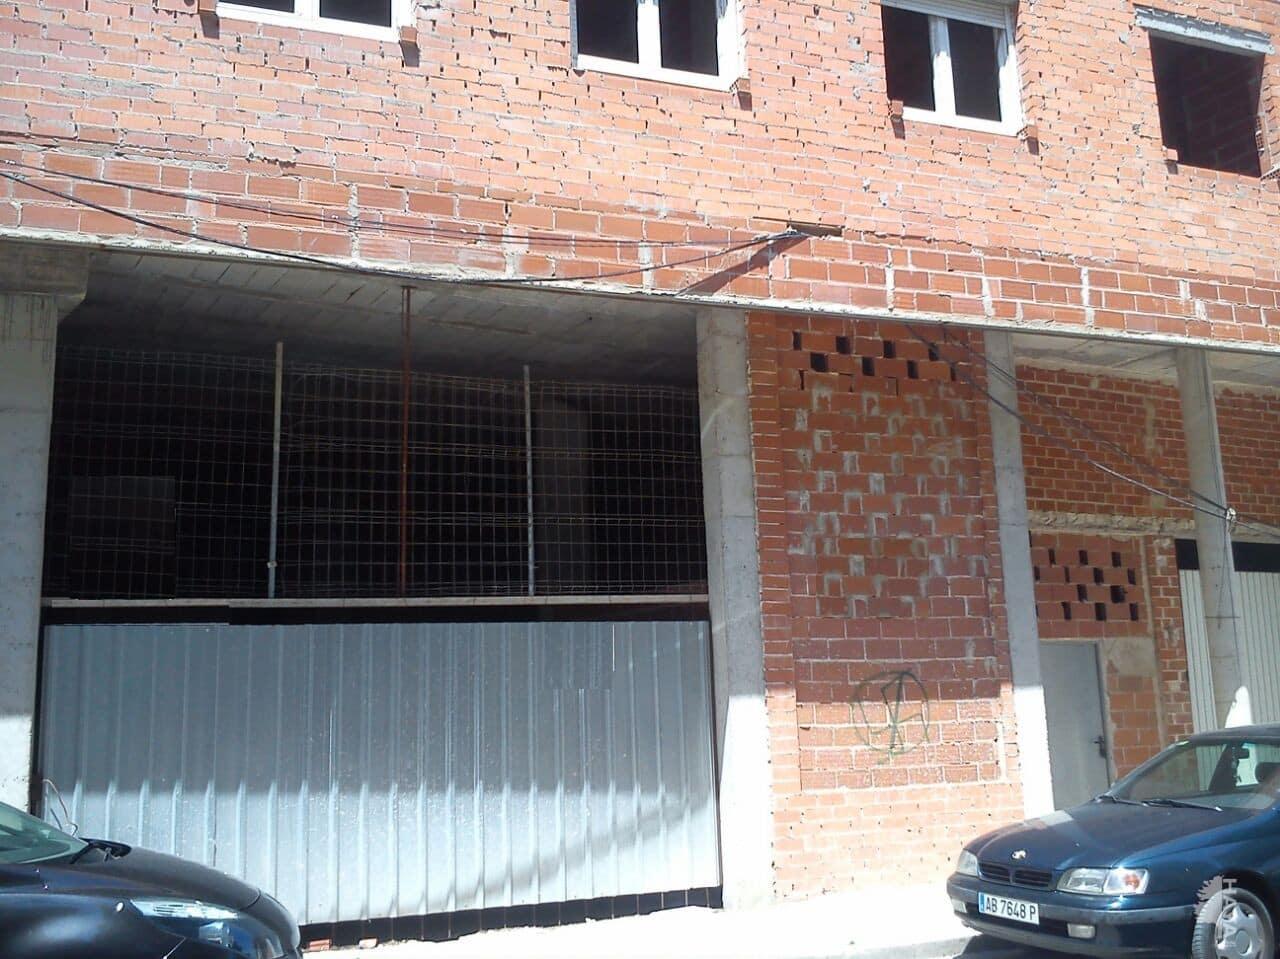 Piso en venta en Piso en la Roda, Albacete, 58.900 €, 1 habitación, 1 baño, 135 m2